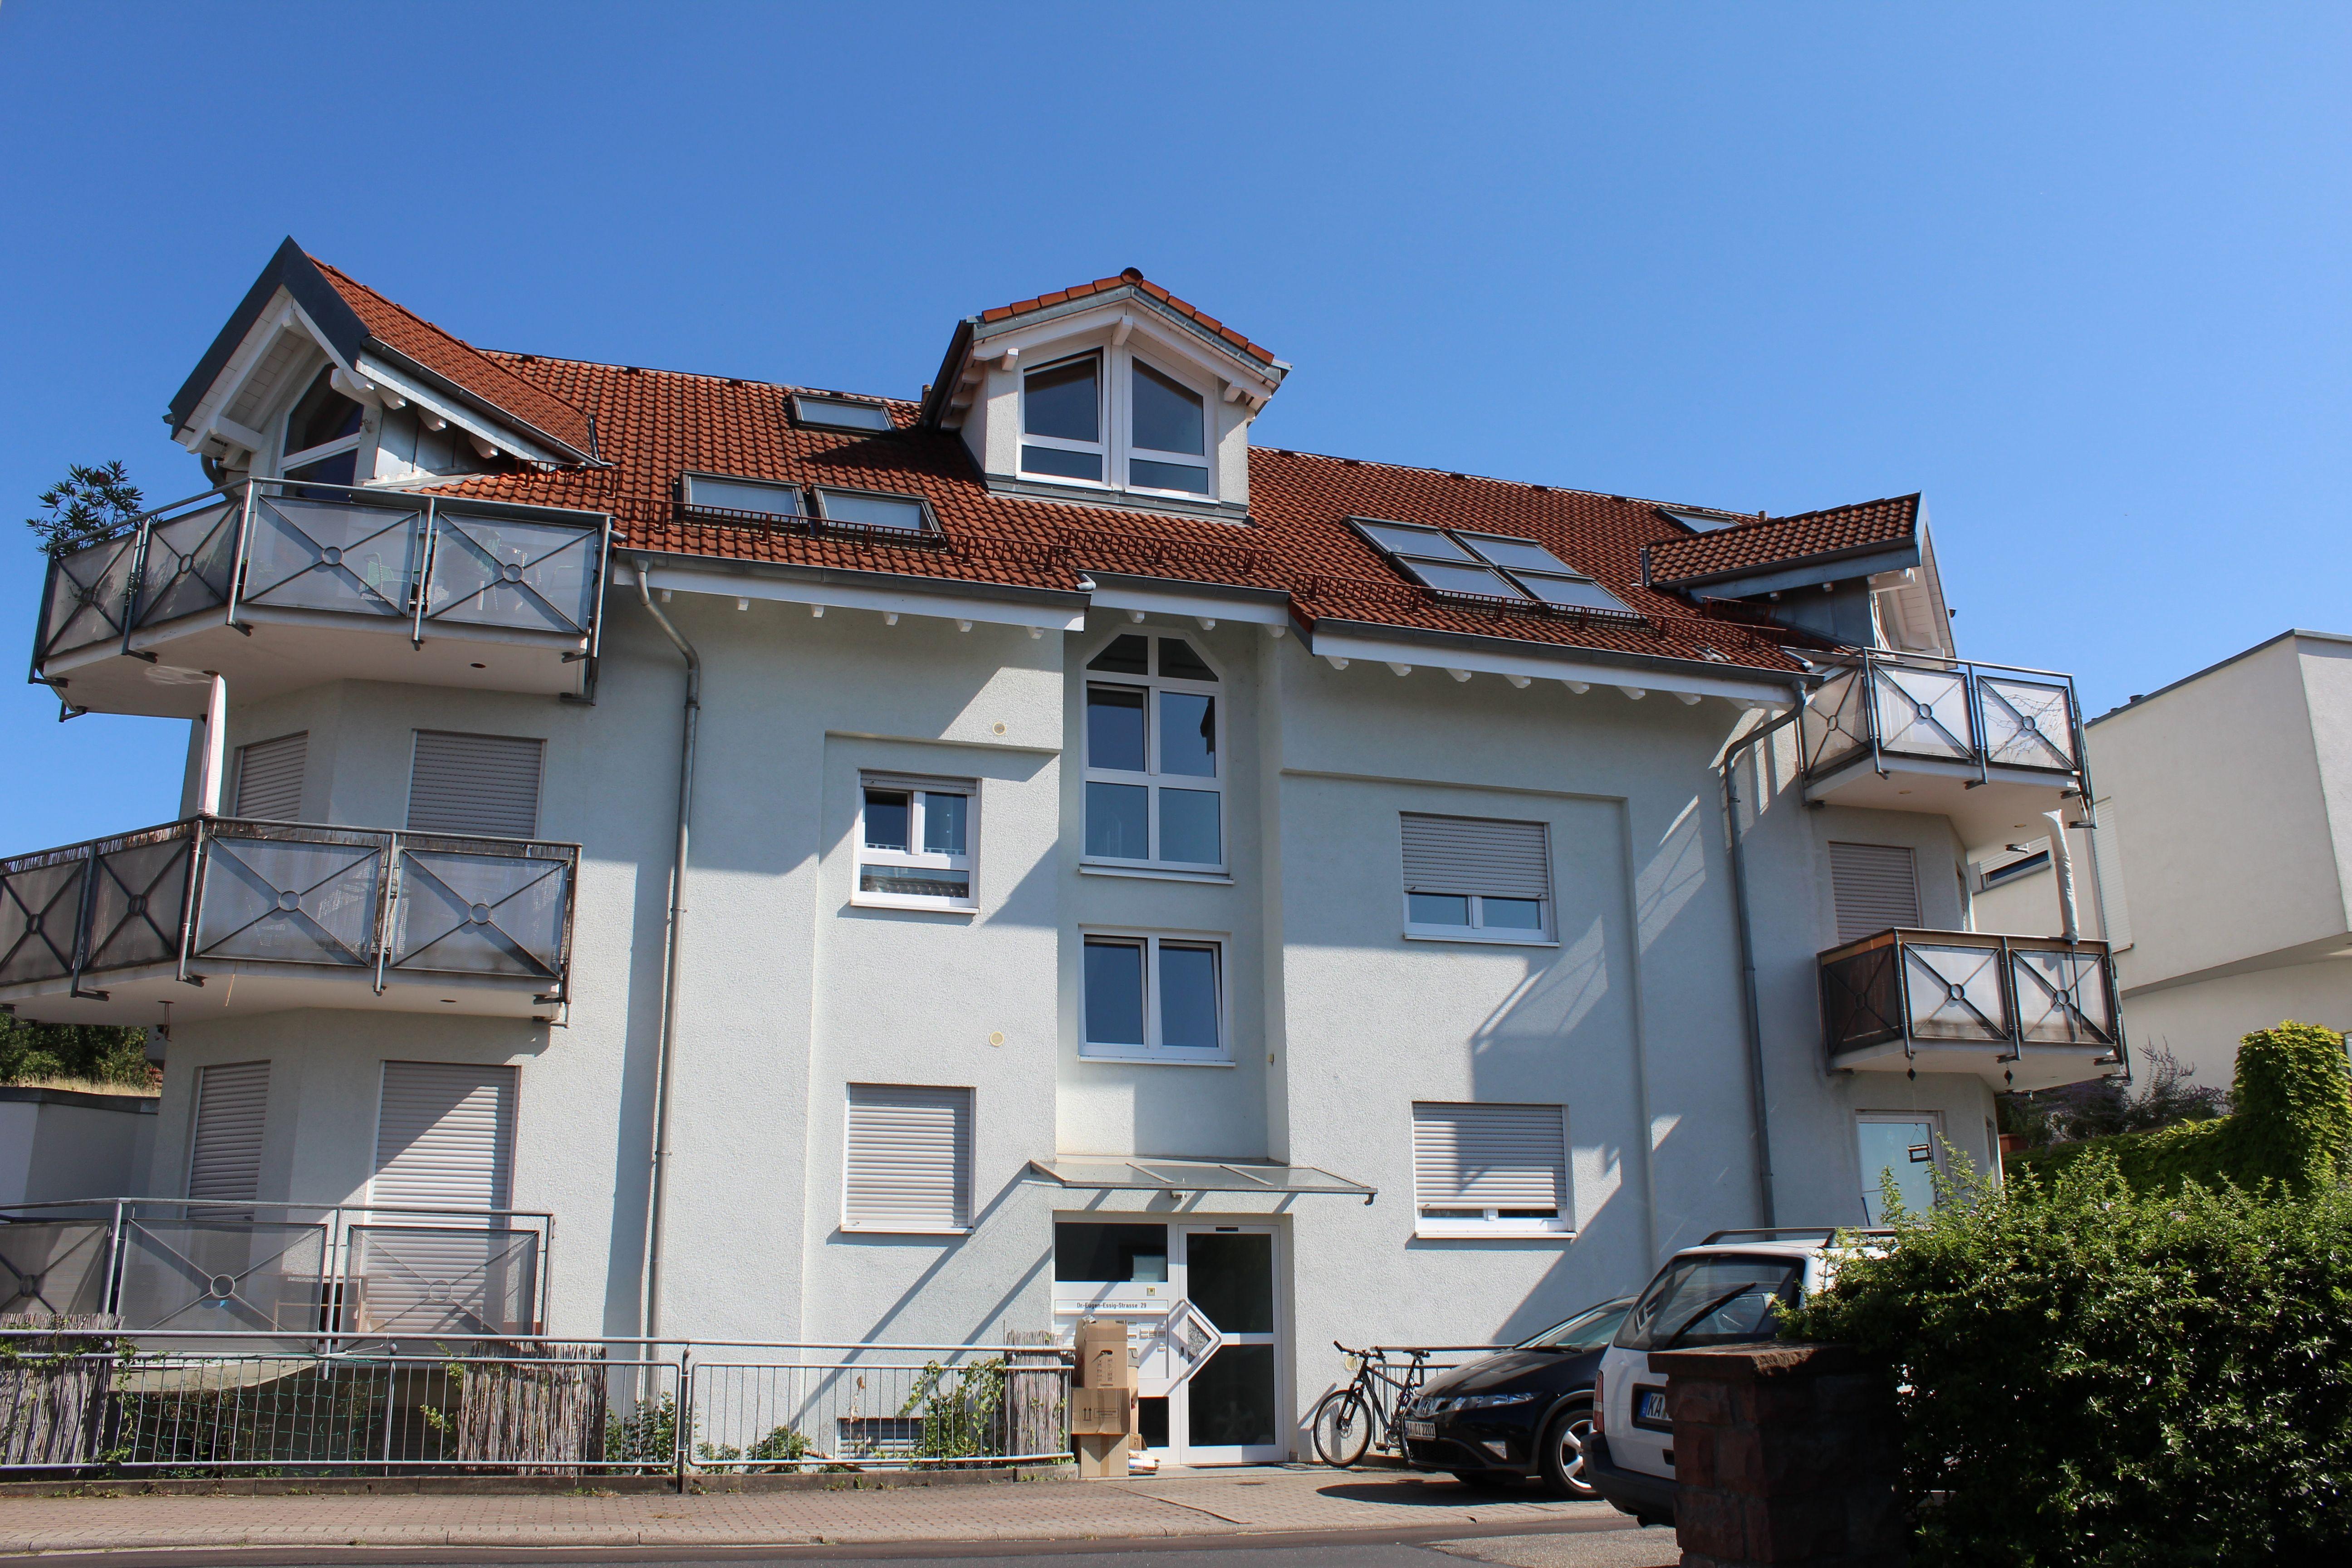 Neuwertige Wohnung in Malsch Straßenansicht 2 zimmer